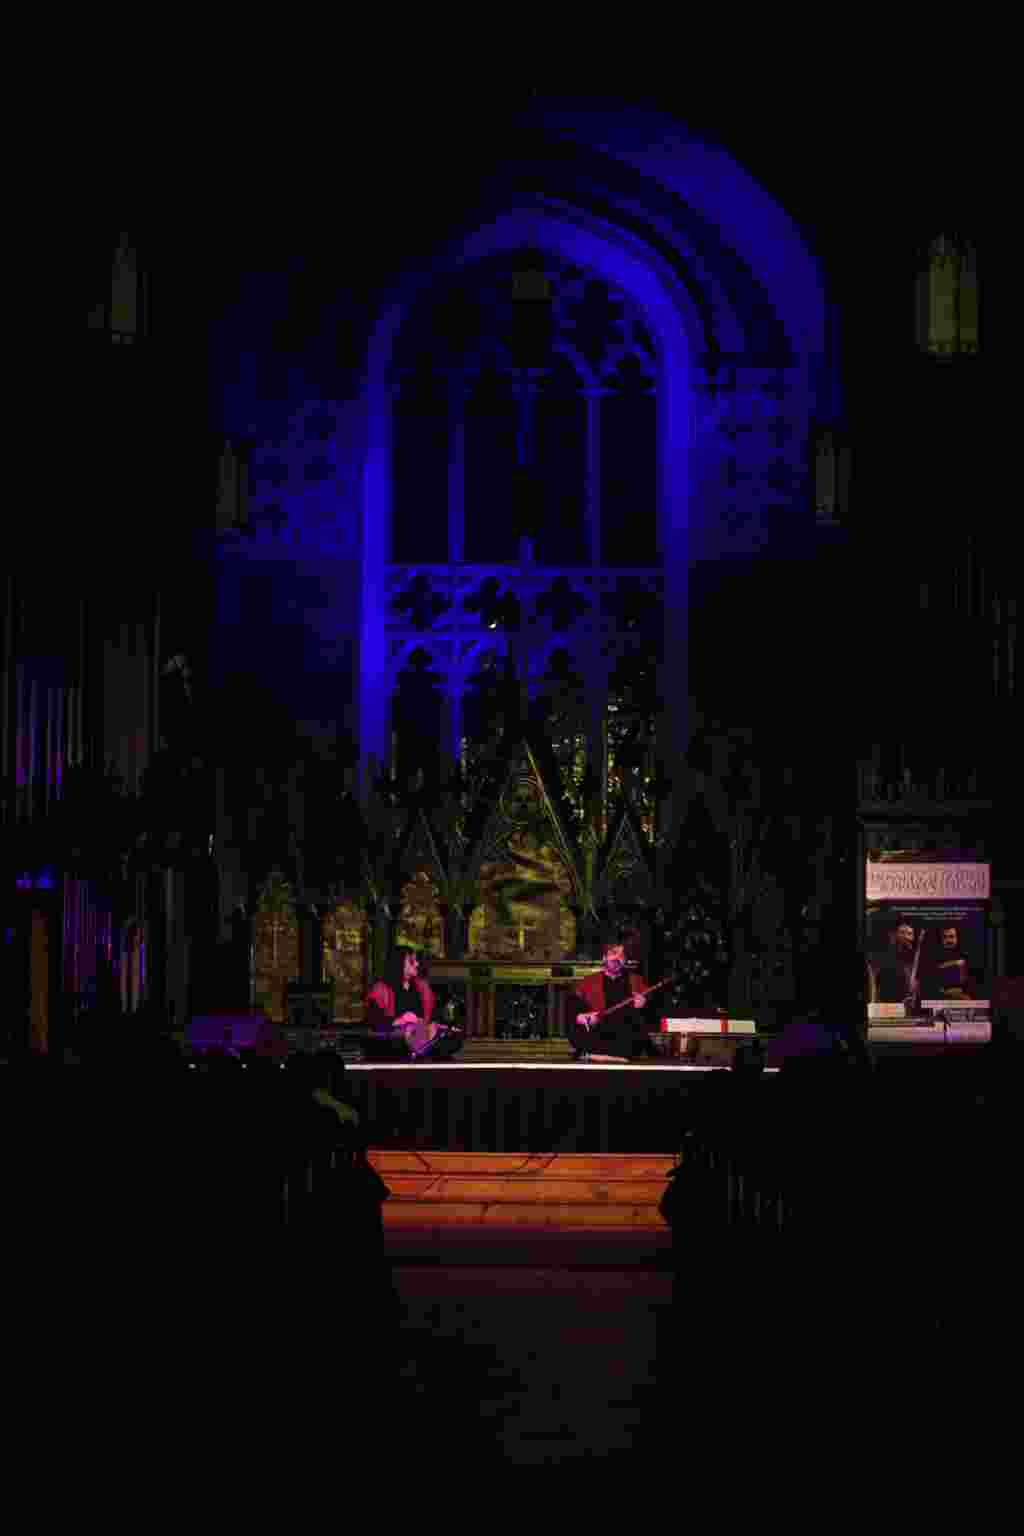 کنسرت حسین علیزاده در تورنتو، یکشنبه ۲۹ ژانویه ۲۰۱۲